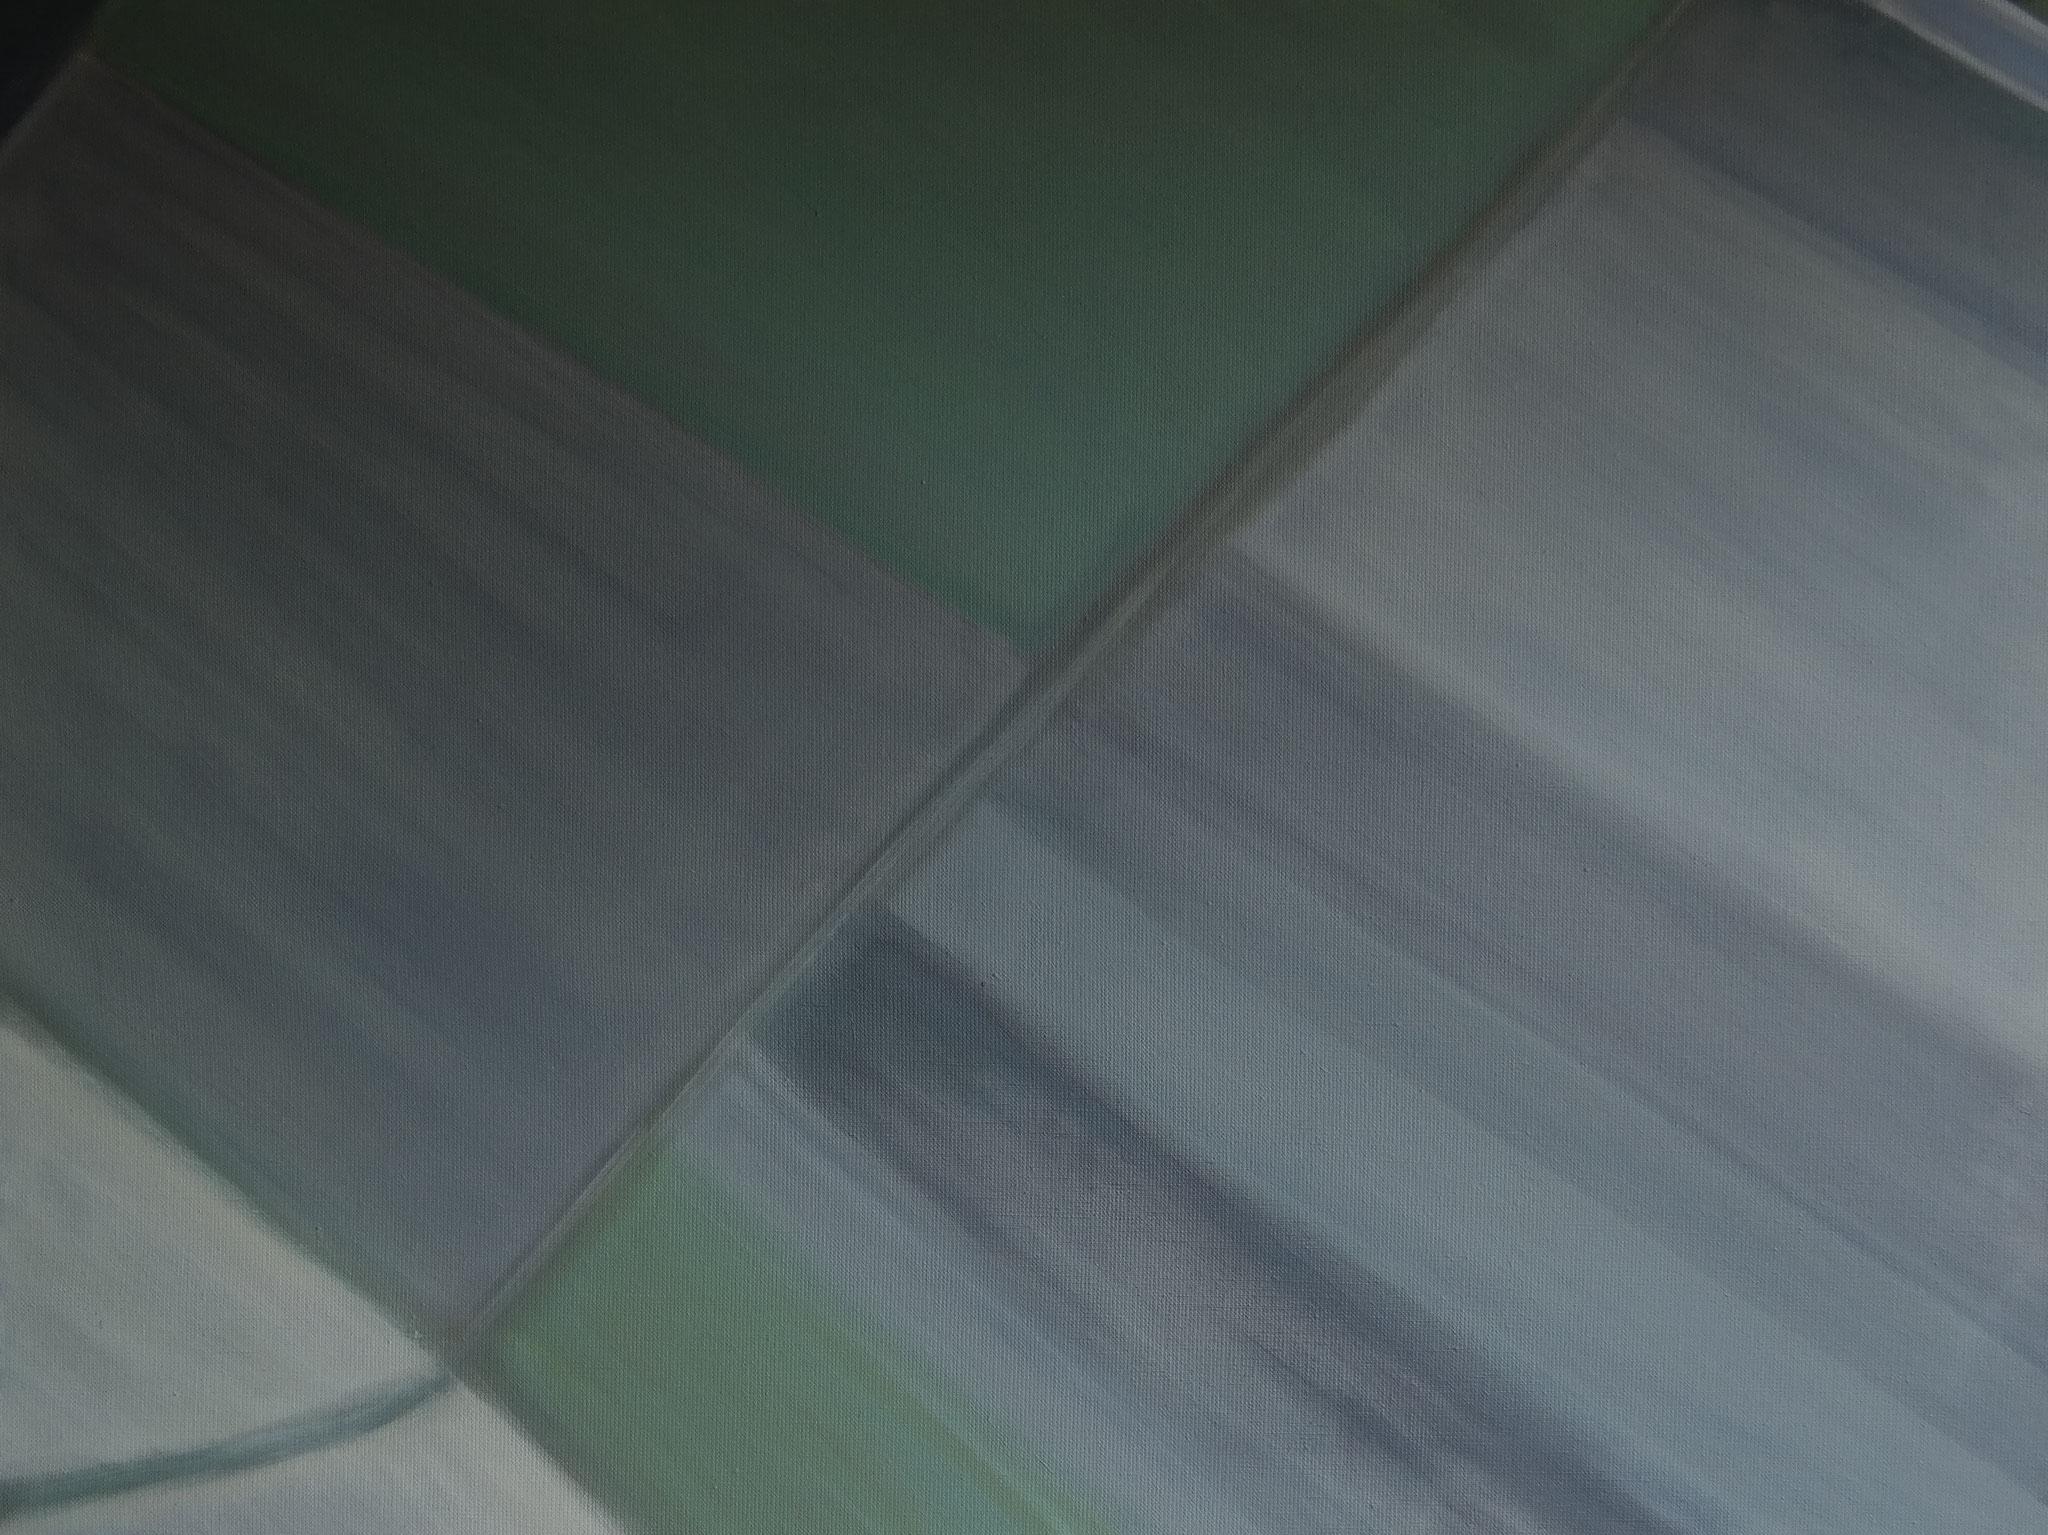 vonoben 2von4 | 60x80cm | acryl auf leinen | 2013